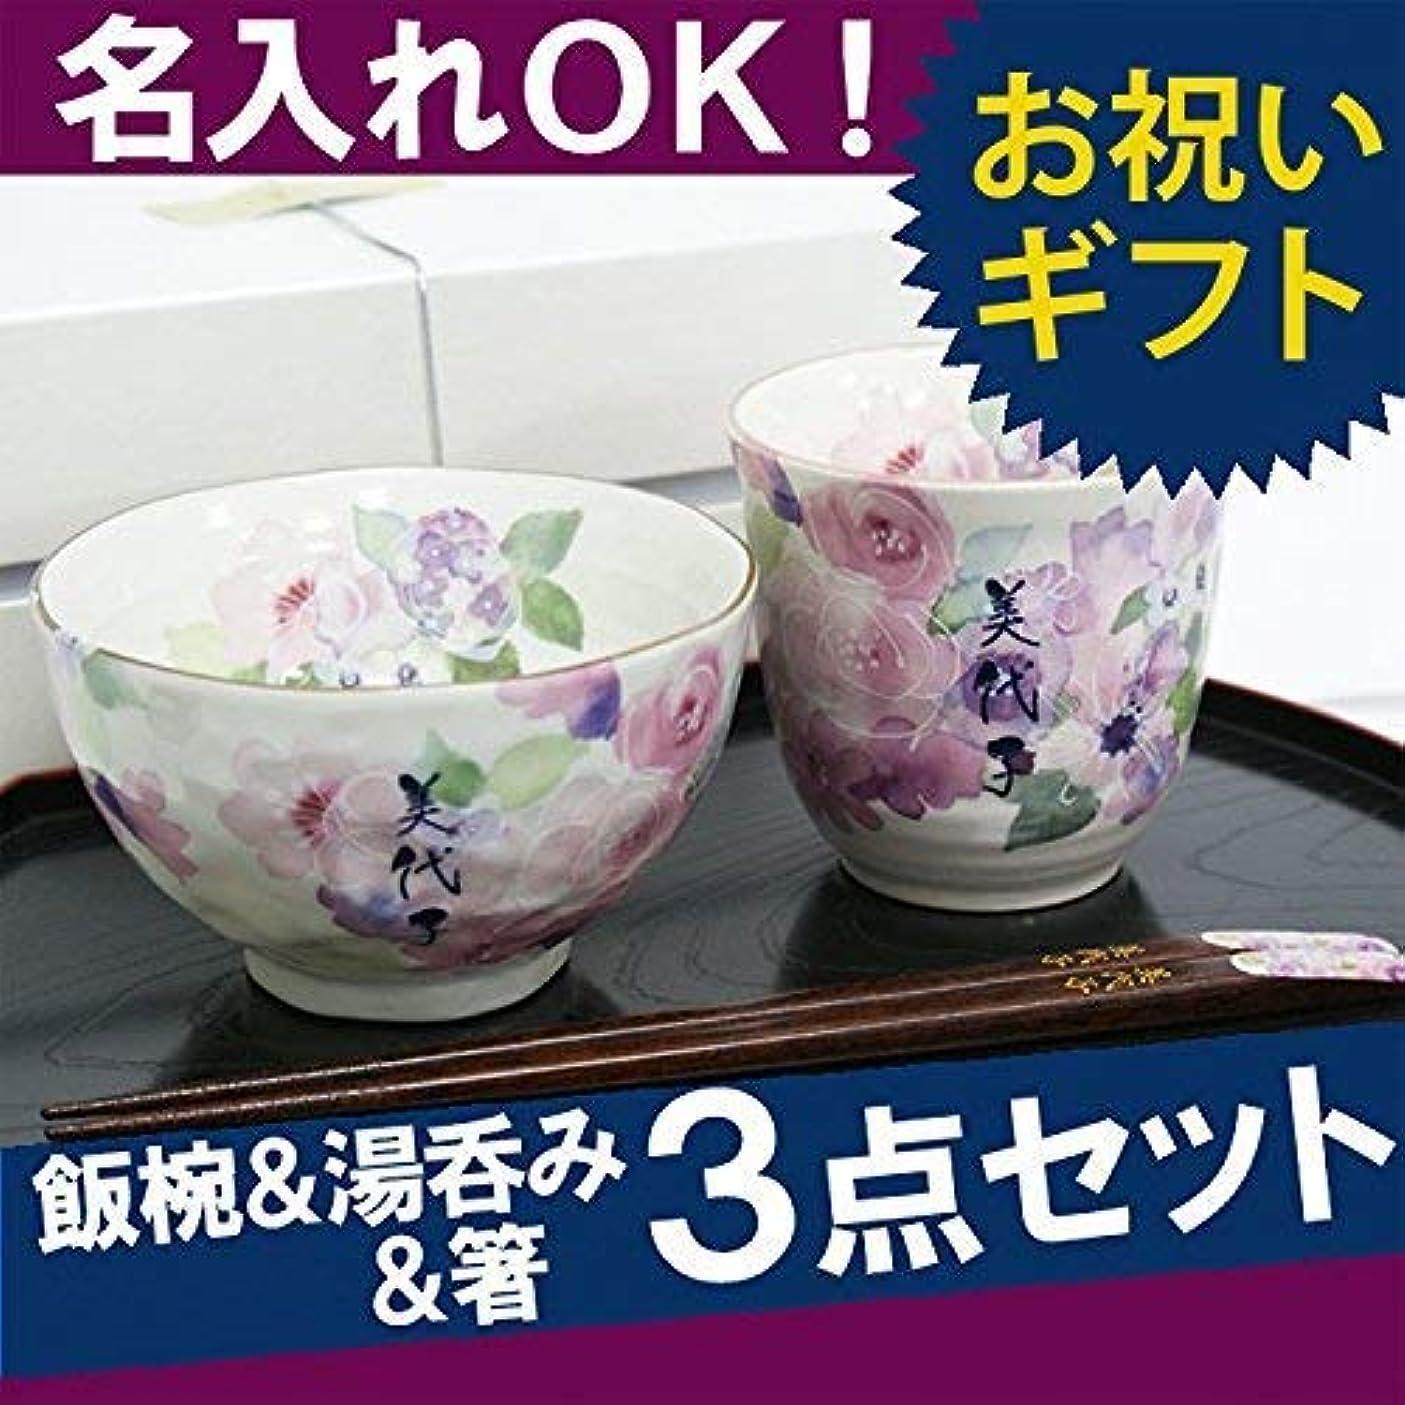 パーク飲料敬礼きざむ 名入れ 花工房 茶碗 & 湯のみ & お箸 3点 セット ギフト (ピンクセット)